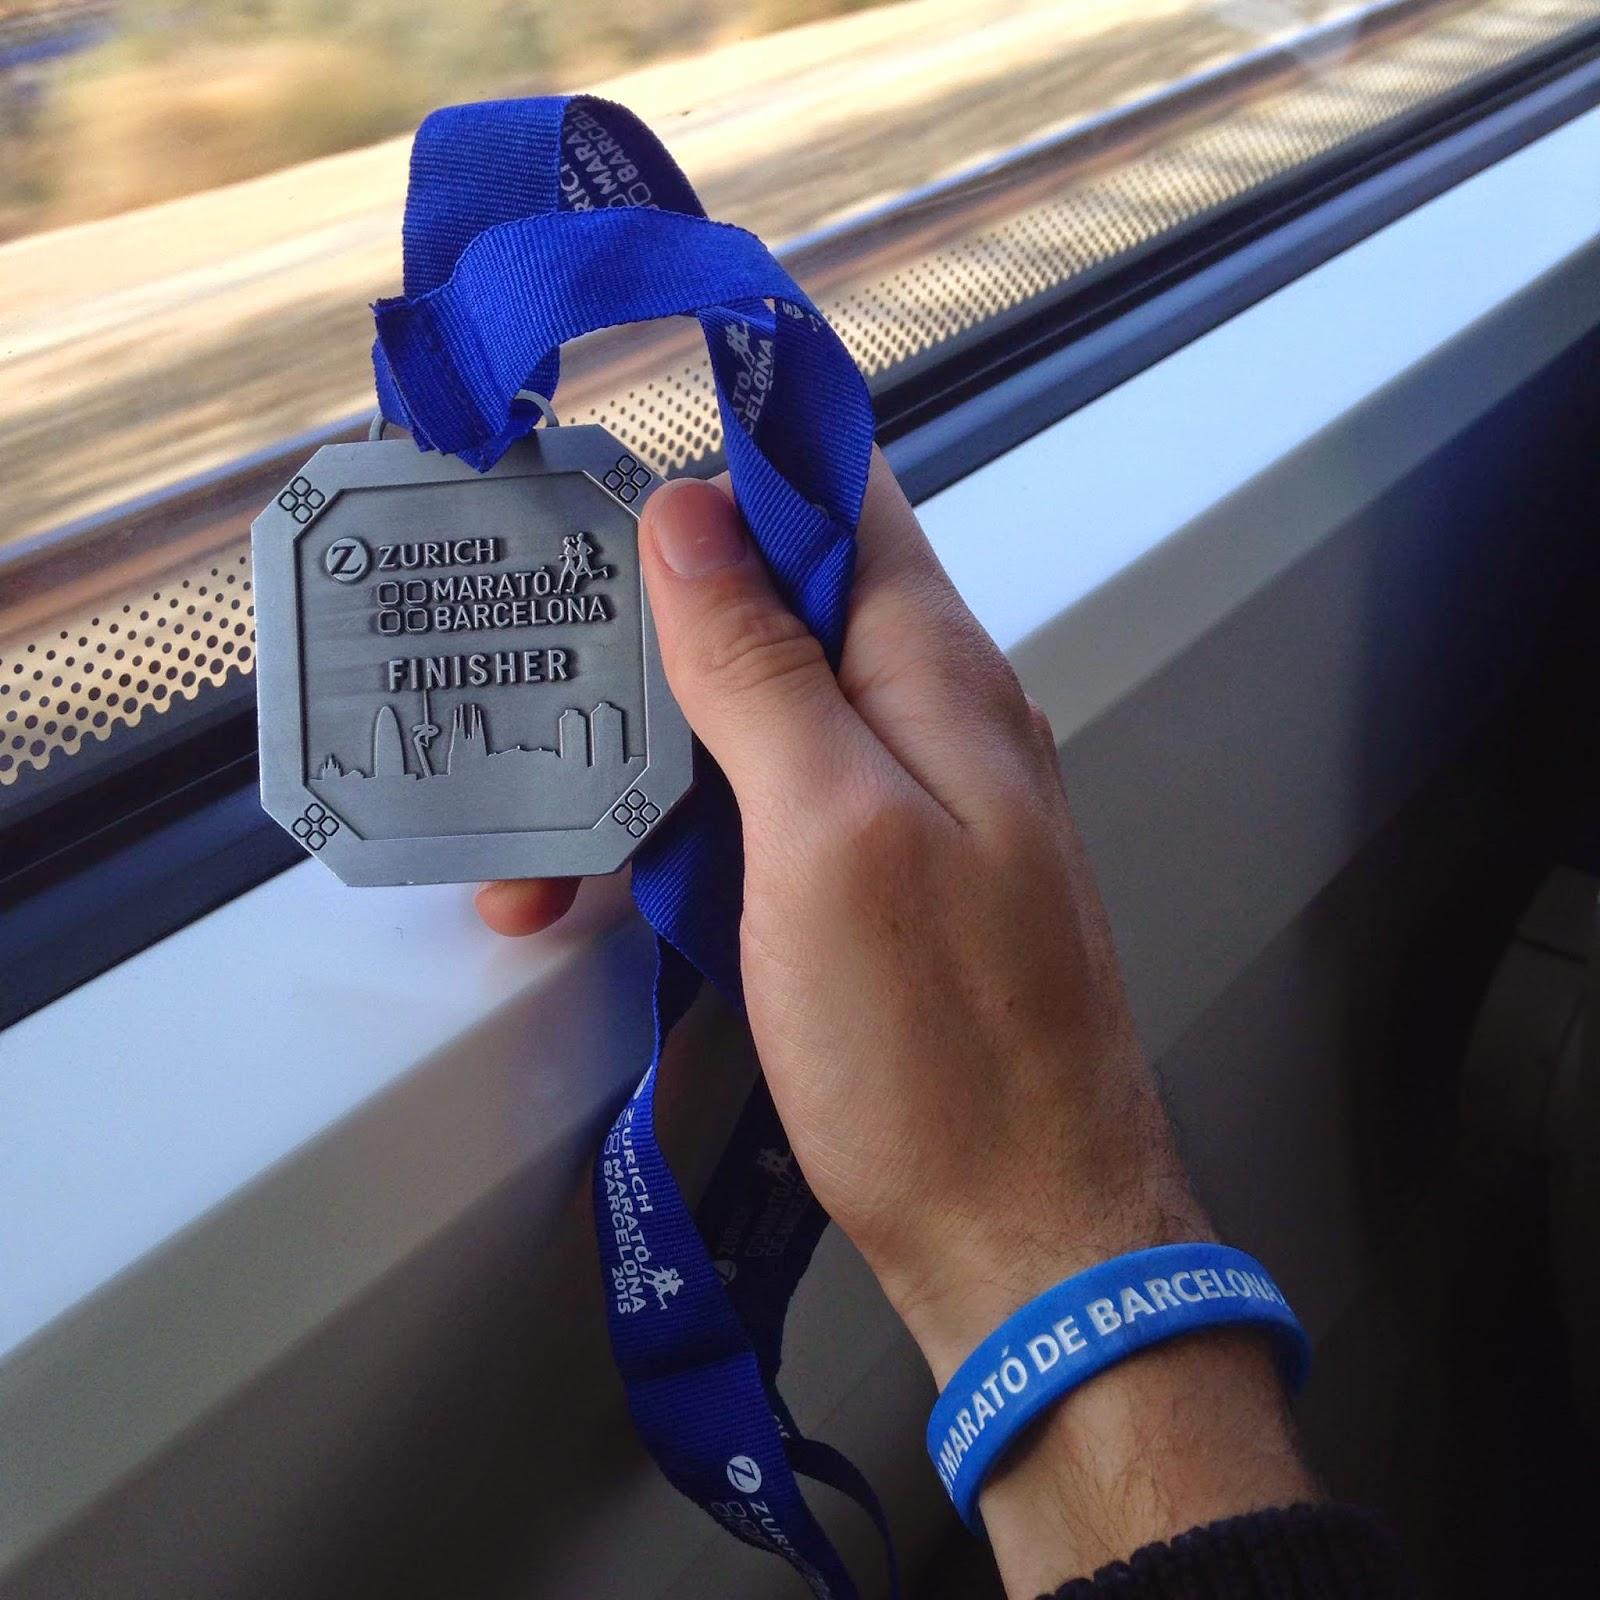 medalla zurich marato barcelona 2015